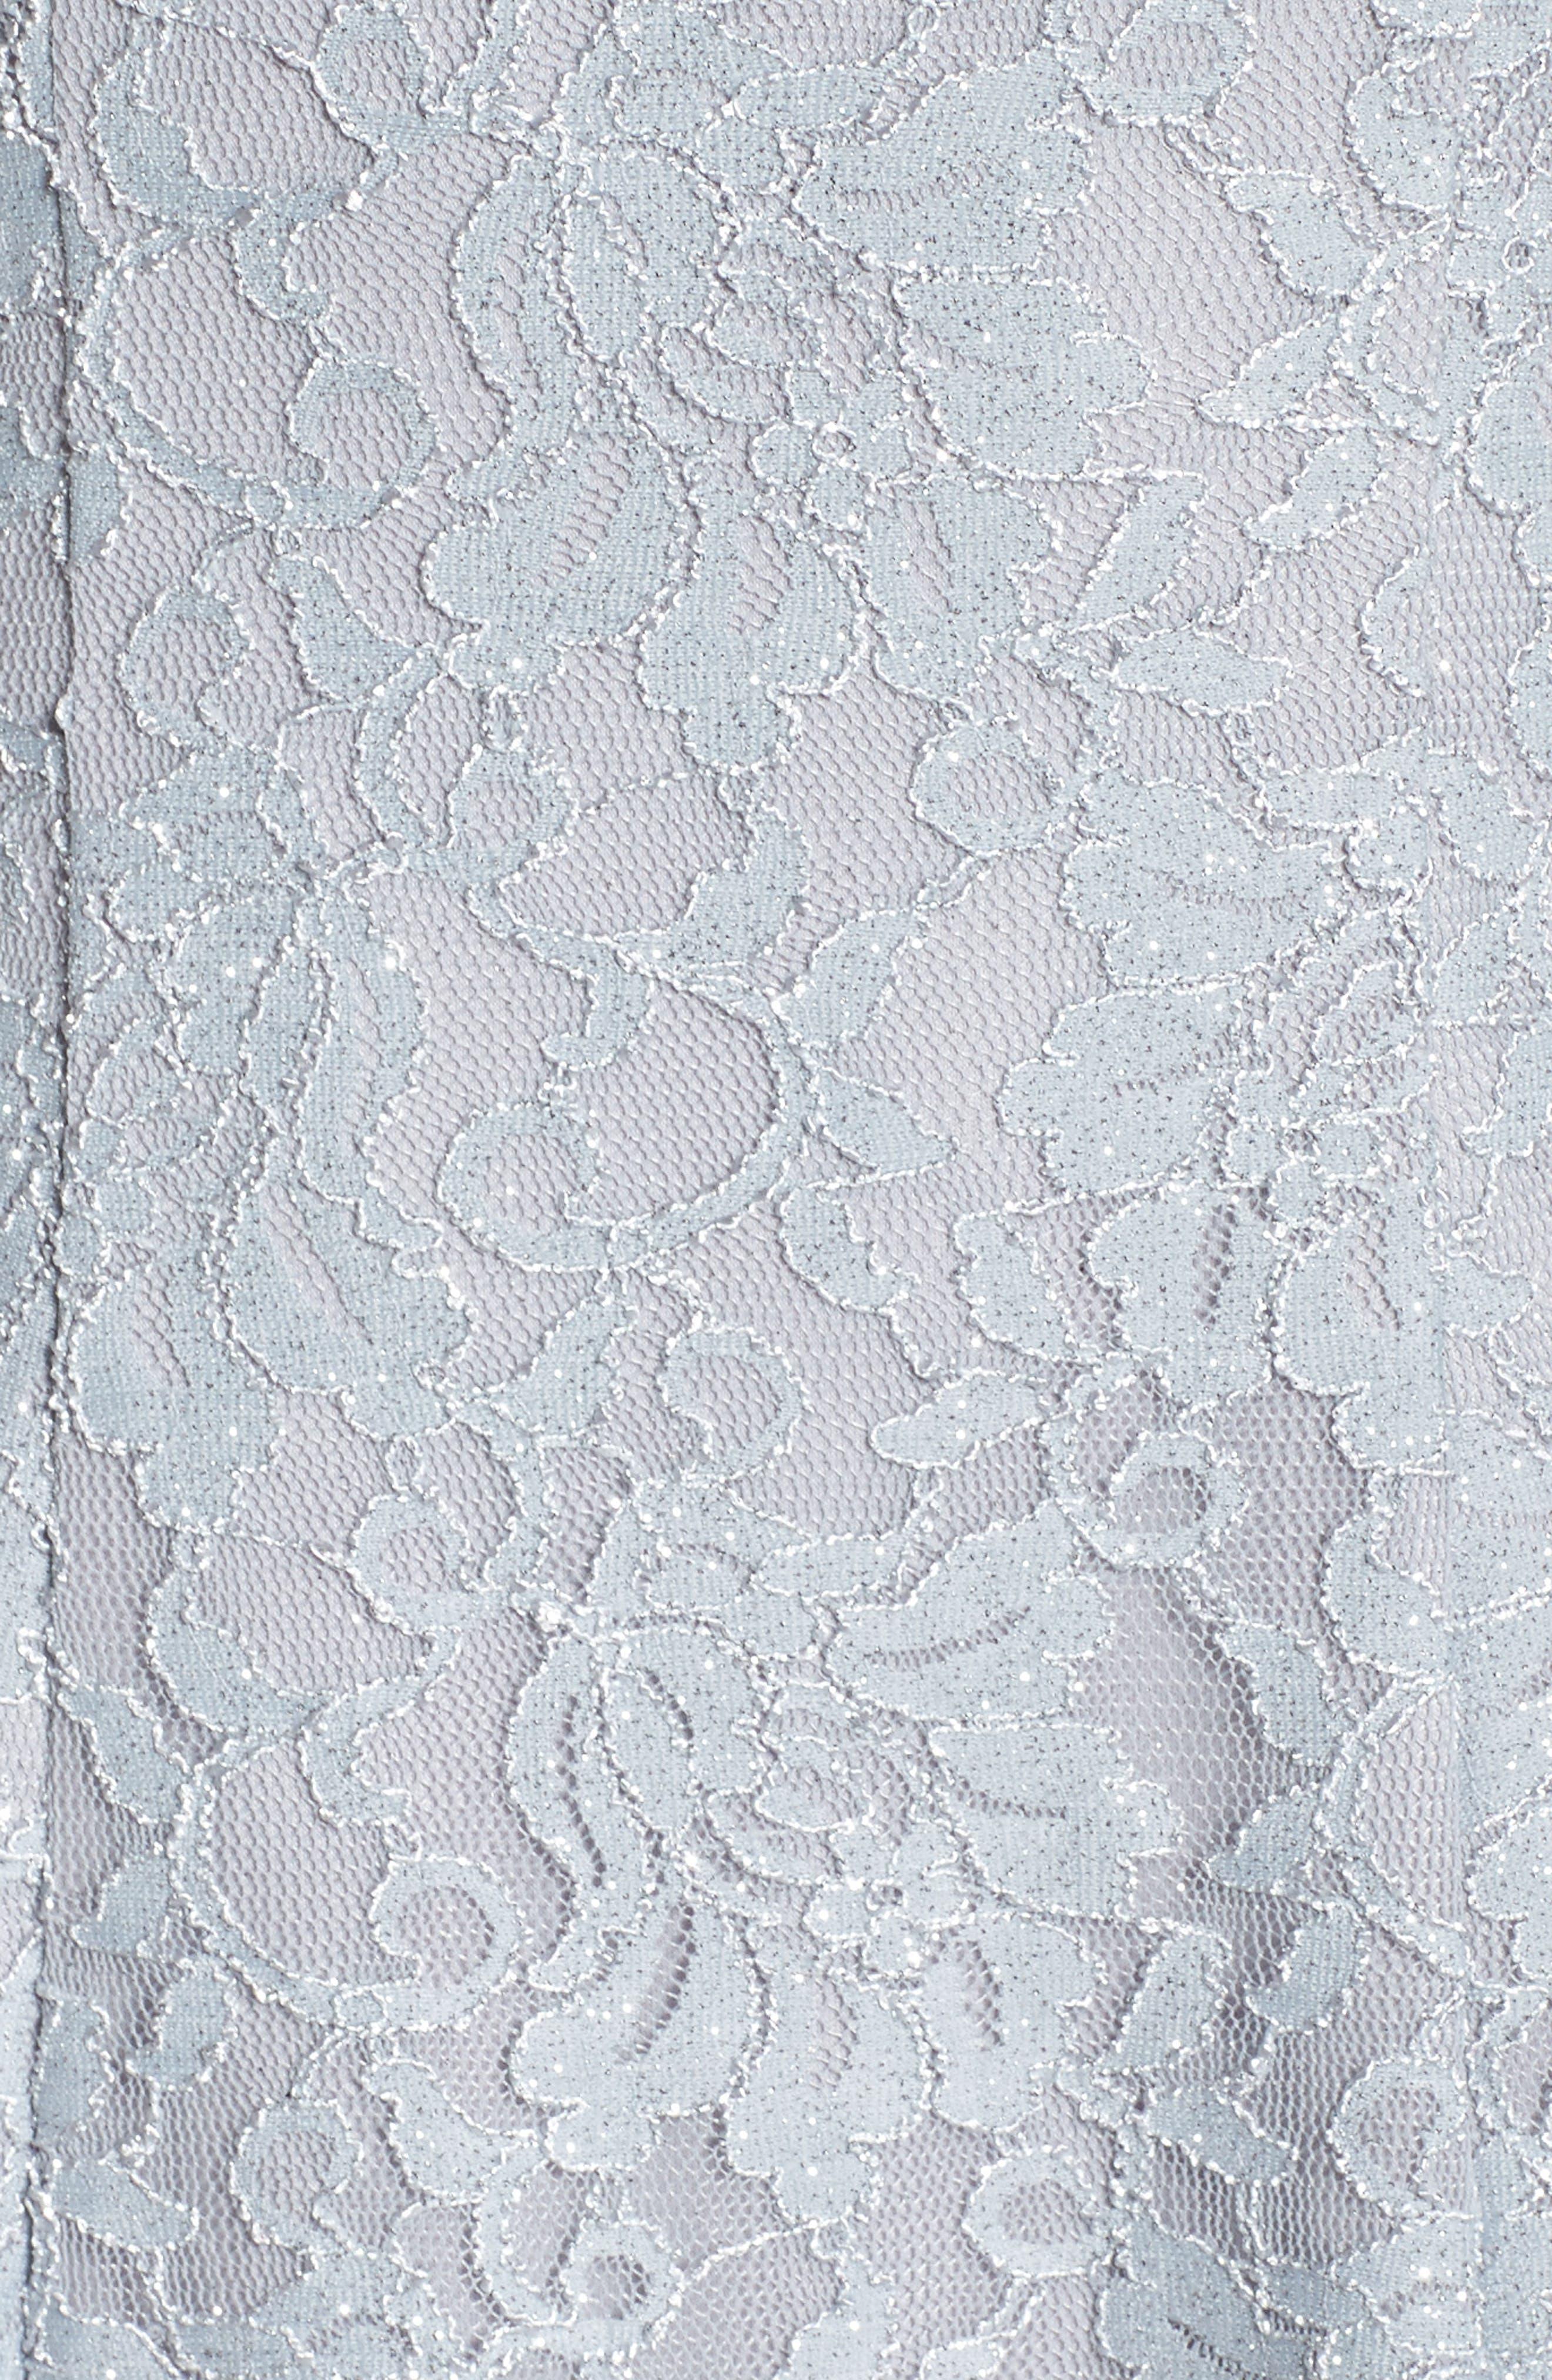 Lace Halter Neck Dress,                             Alternate thumbnail 5, color,